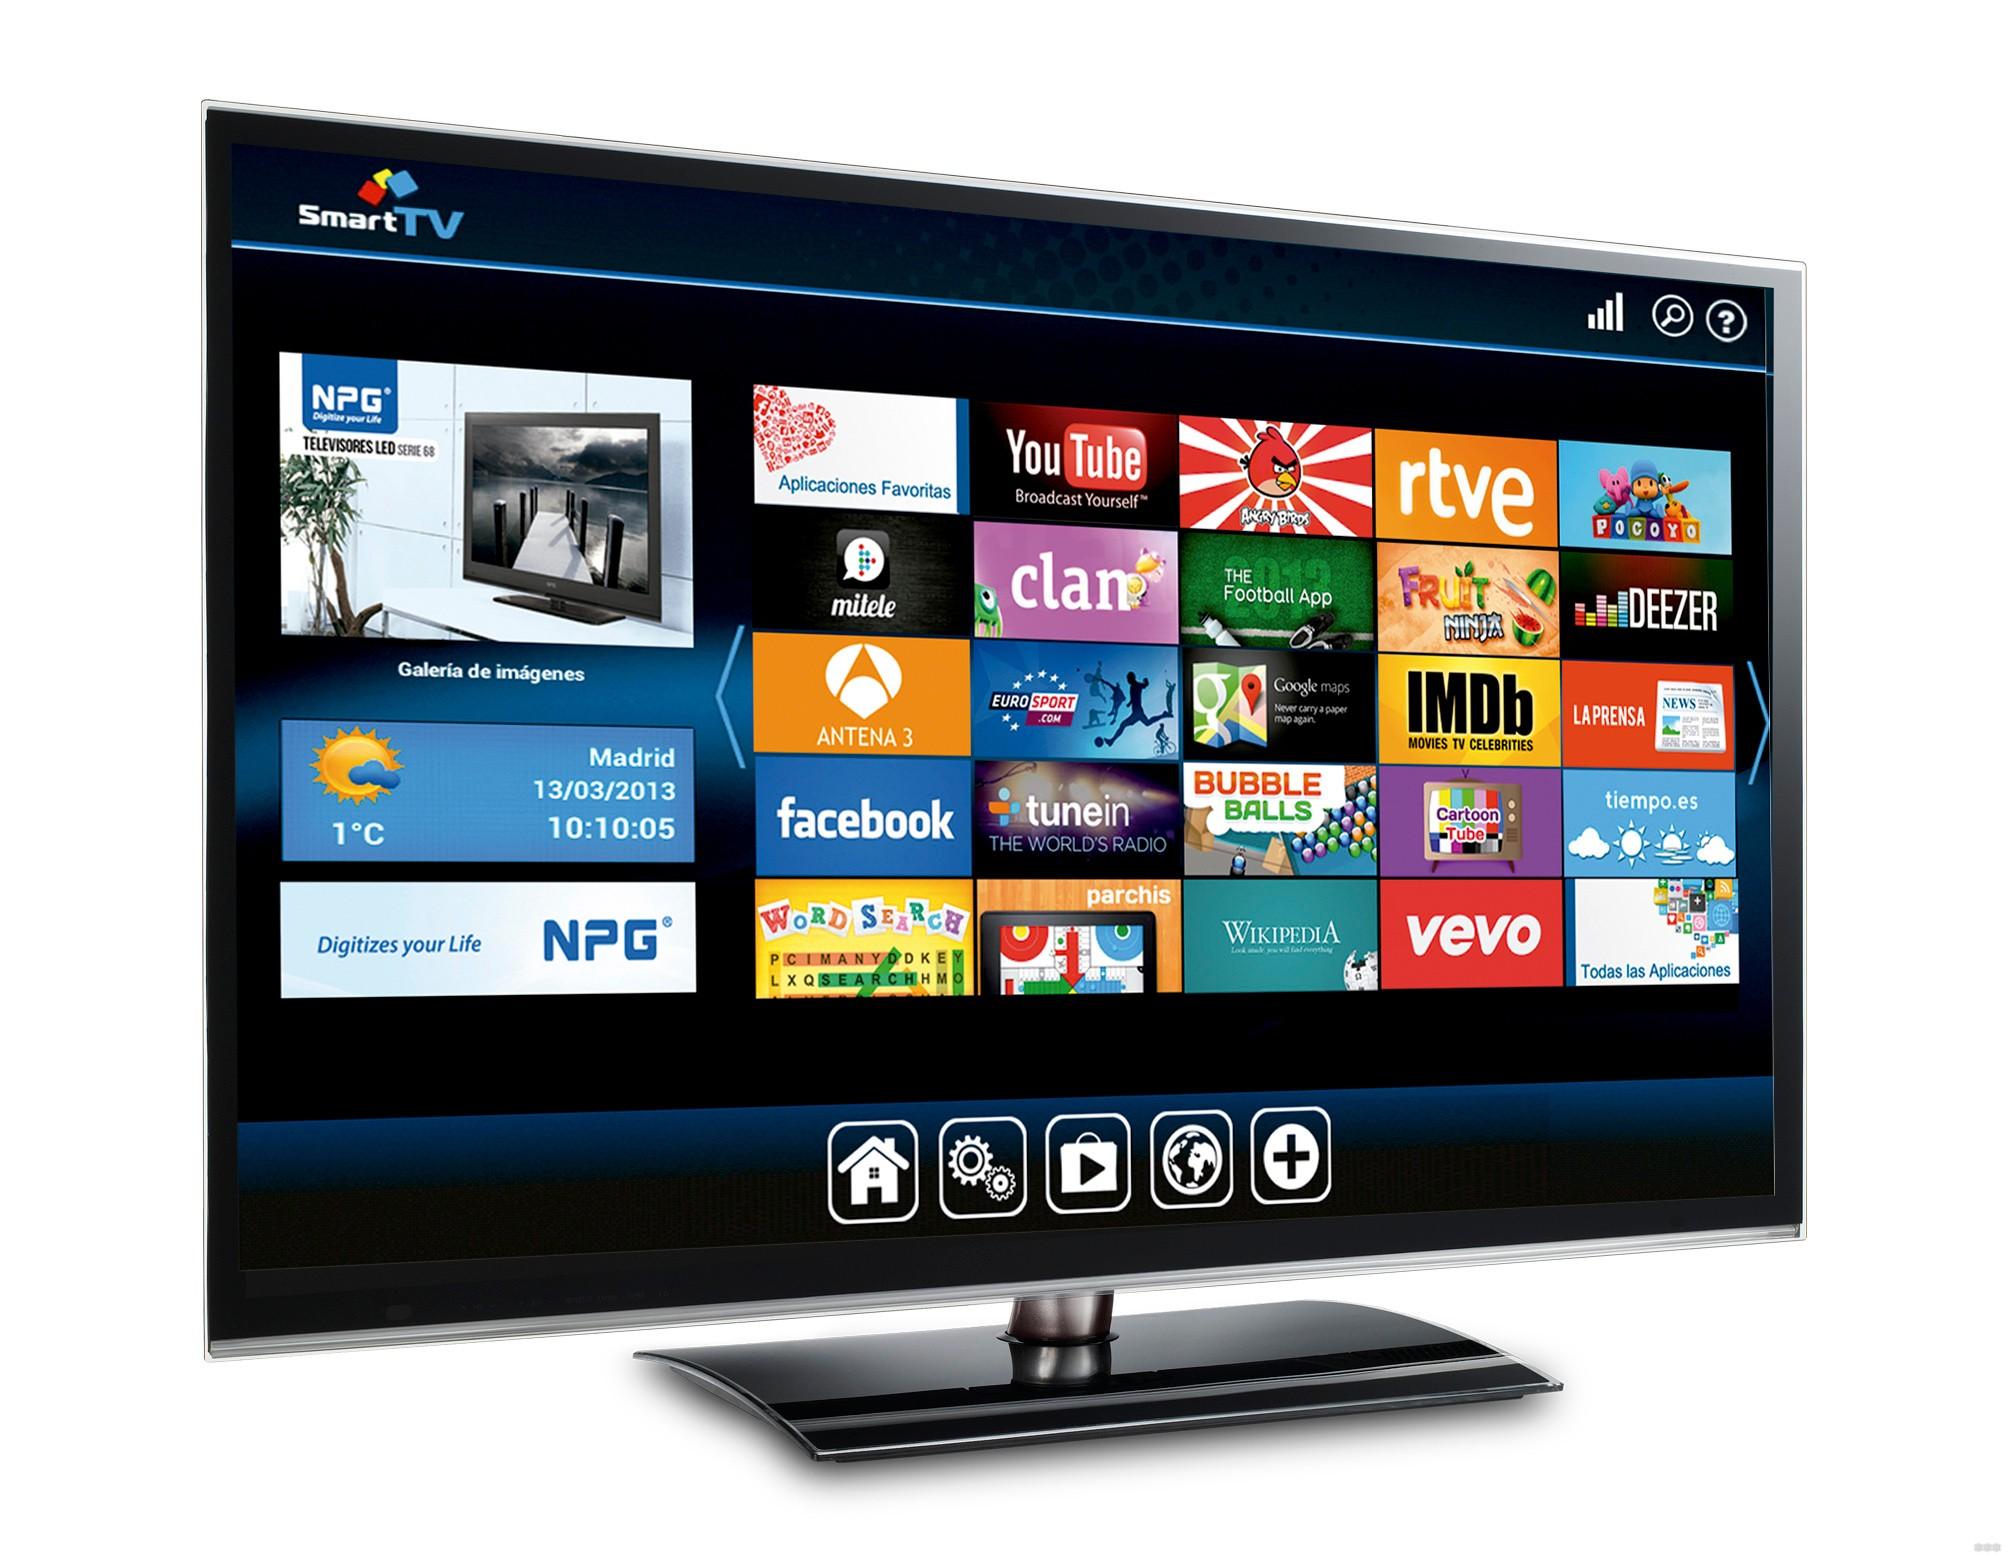 Какой роутер нужен для телевизора Смарт ТВ: честный ответ